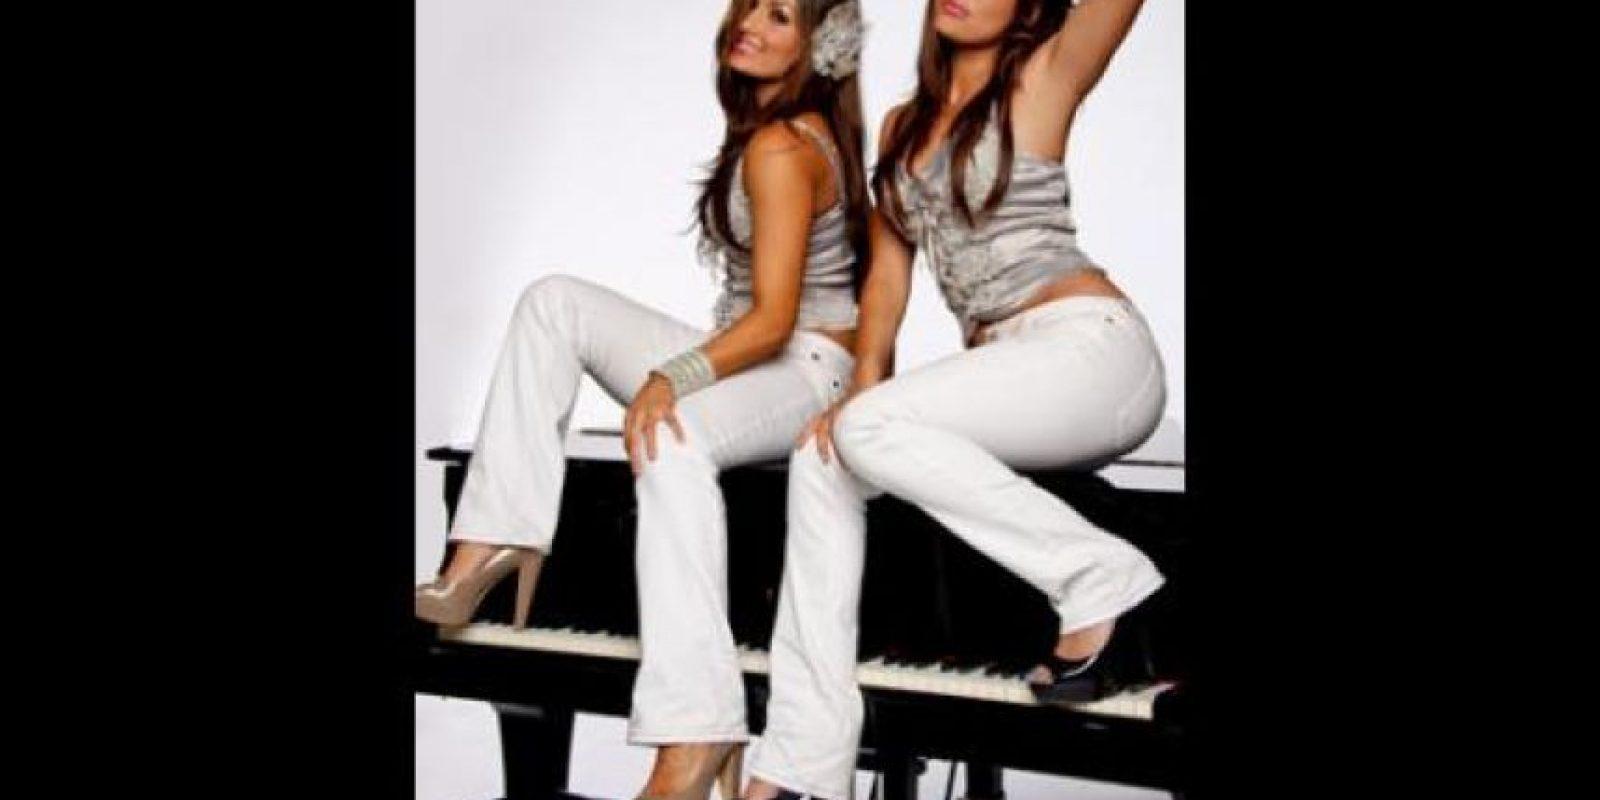 Sesión de fotos de las gemelas Bella en 2010 Foto:WWE